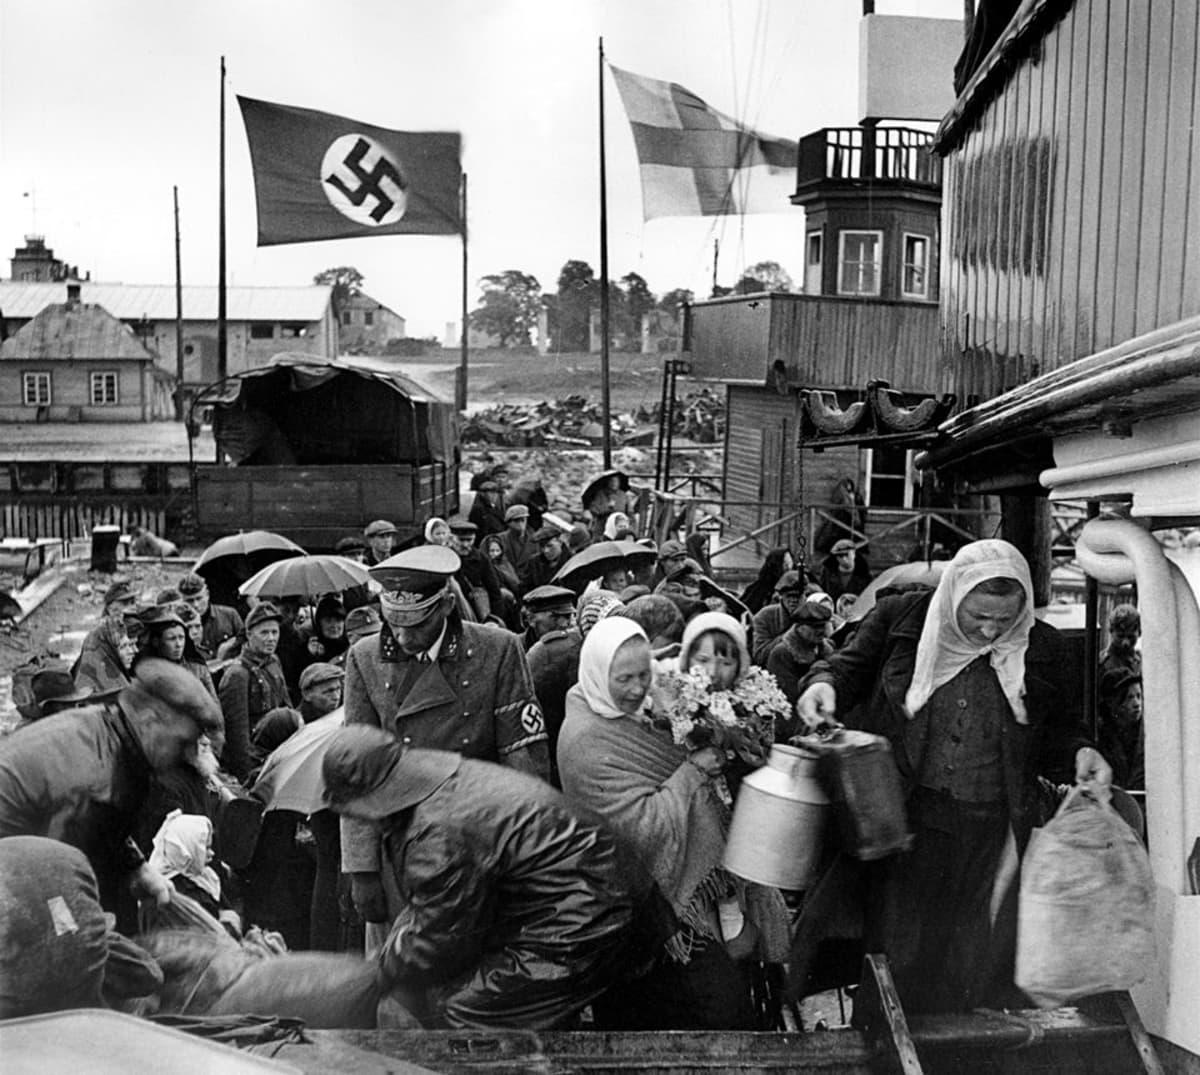 Inkeriläiset pakolaiset nousevat laivaan, saksalainen upseeri valvoo toimitusta.